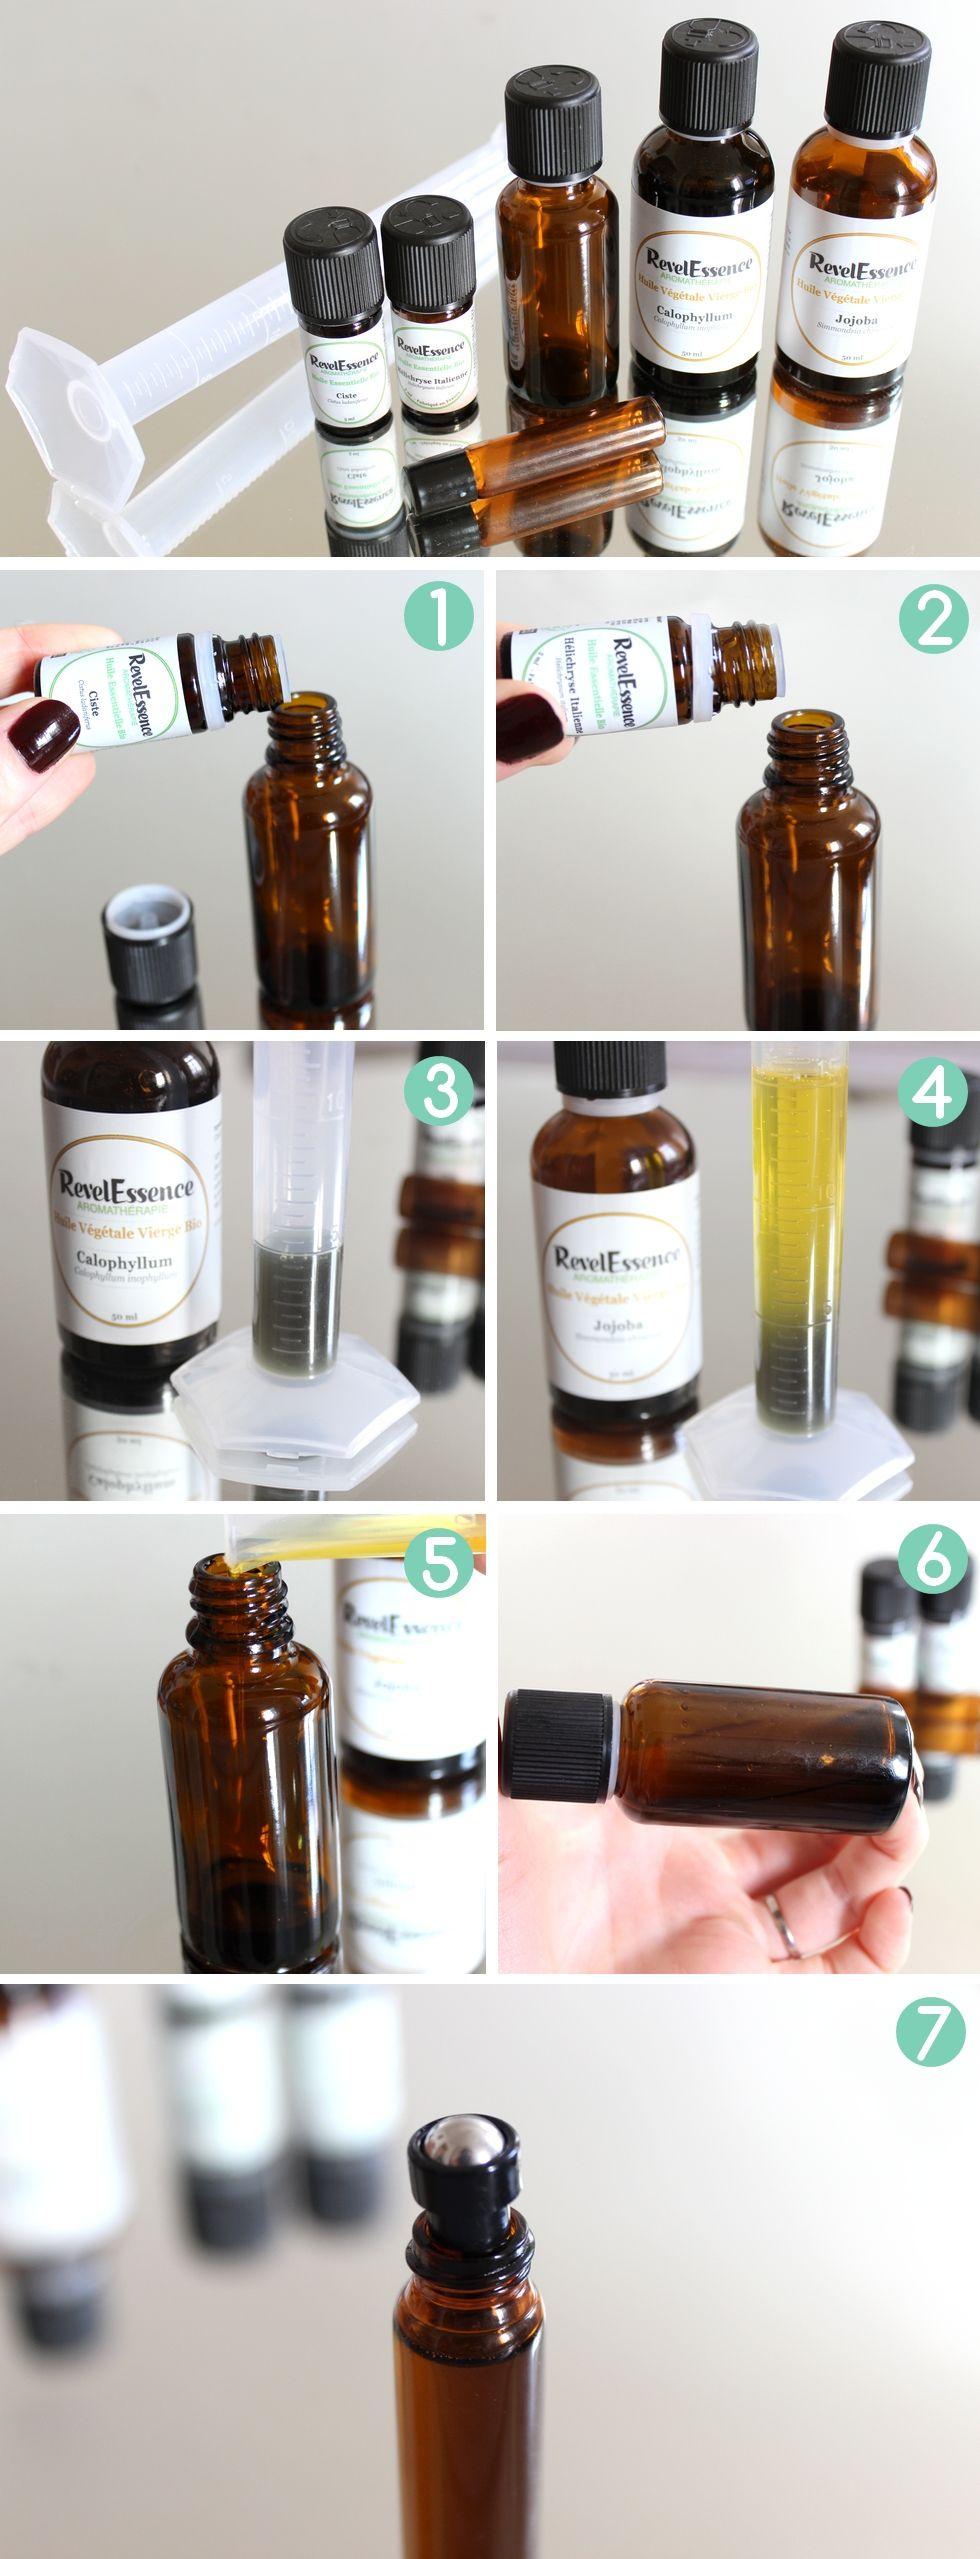 Comment r aliser soi m me la maison un roll on anti cernes bio et naturel base d 39 huiles - Masque anti cerne maison ...